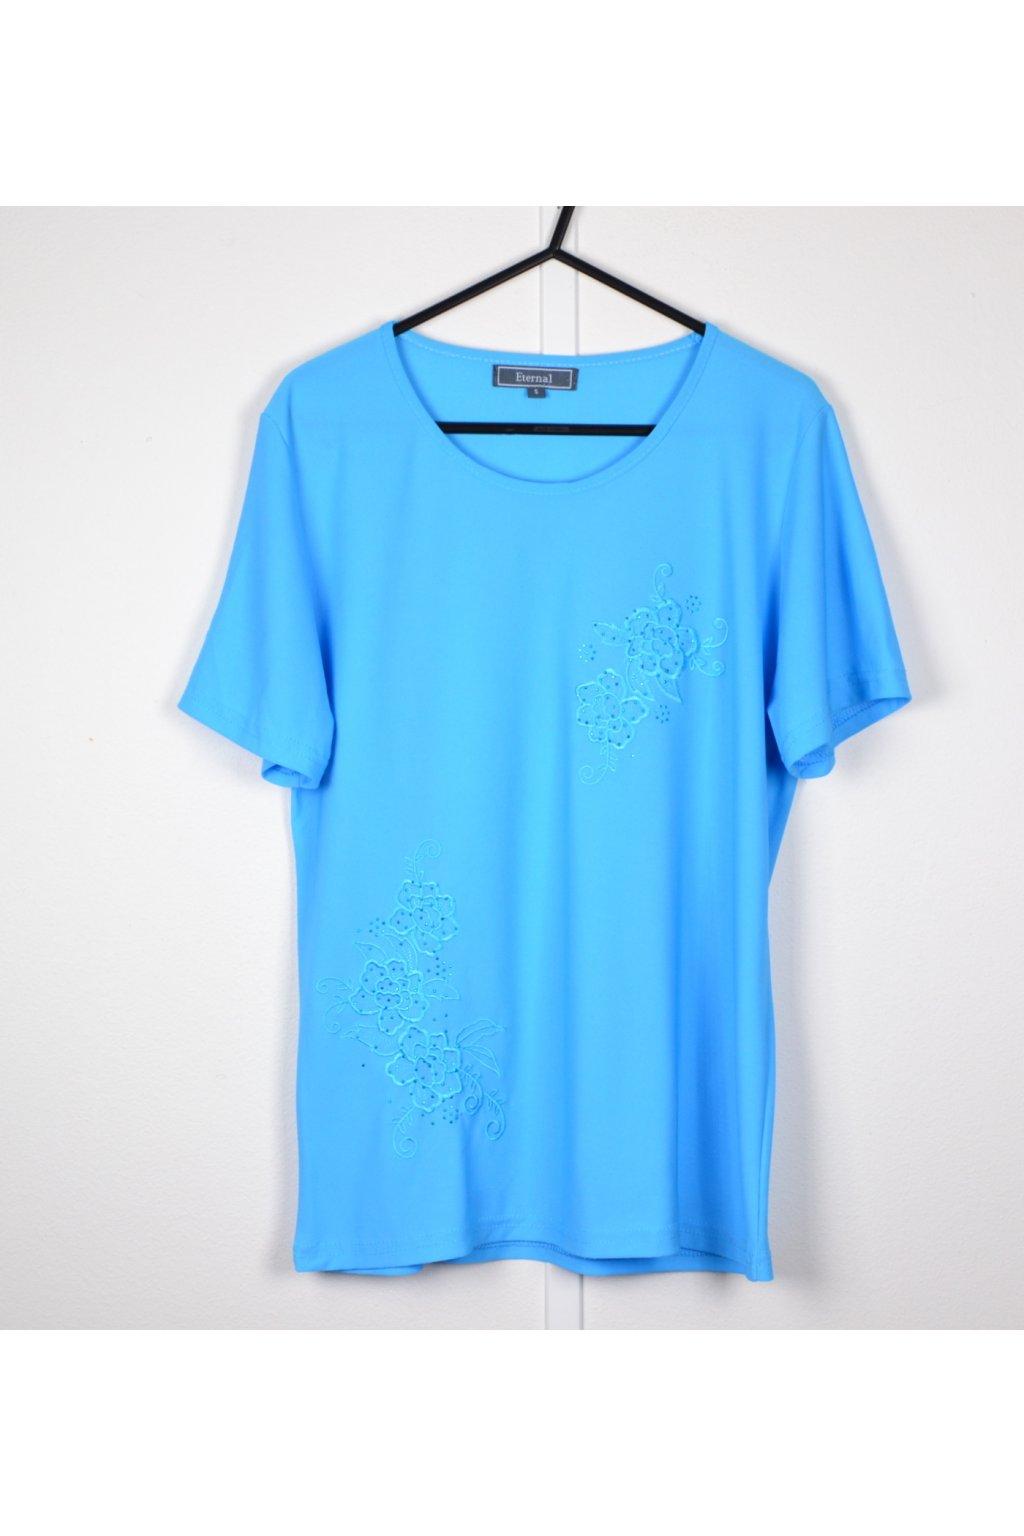 Tričko Eternal vel S/M modré s výšivkou